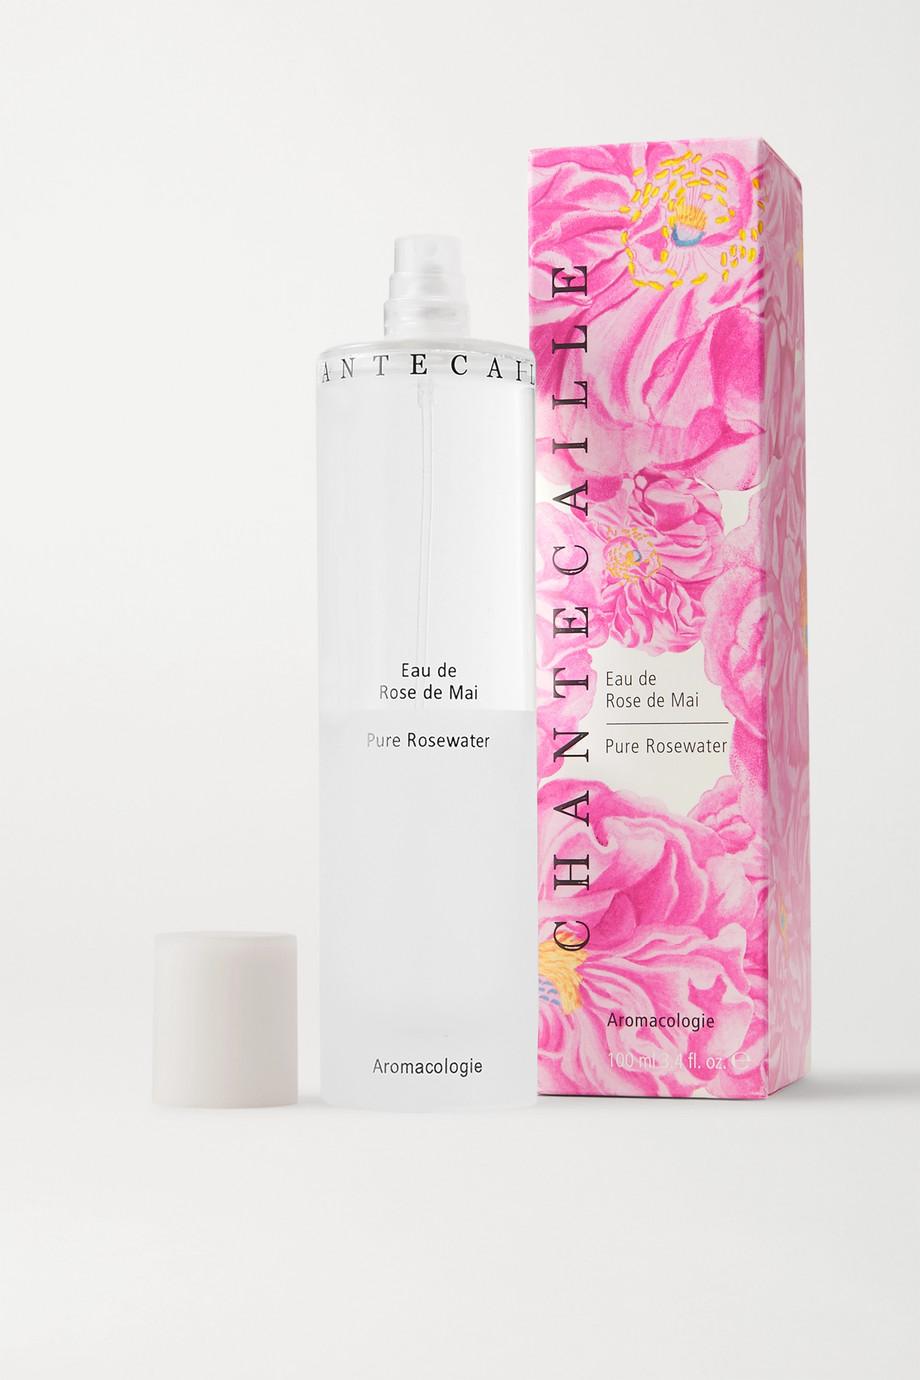 Chantecaille Eau de rose de mai x John Derian, 100 ml